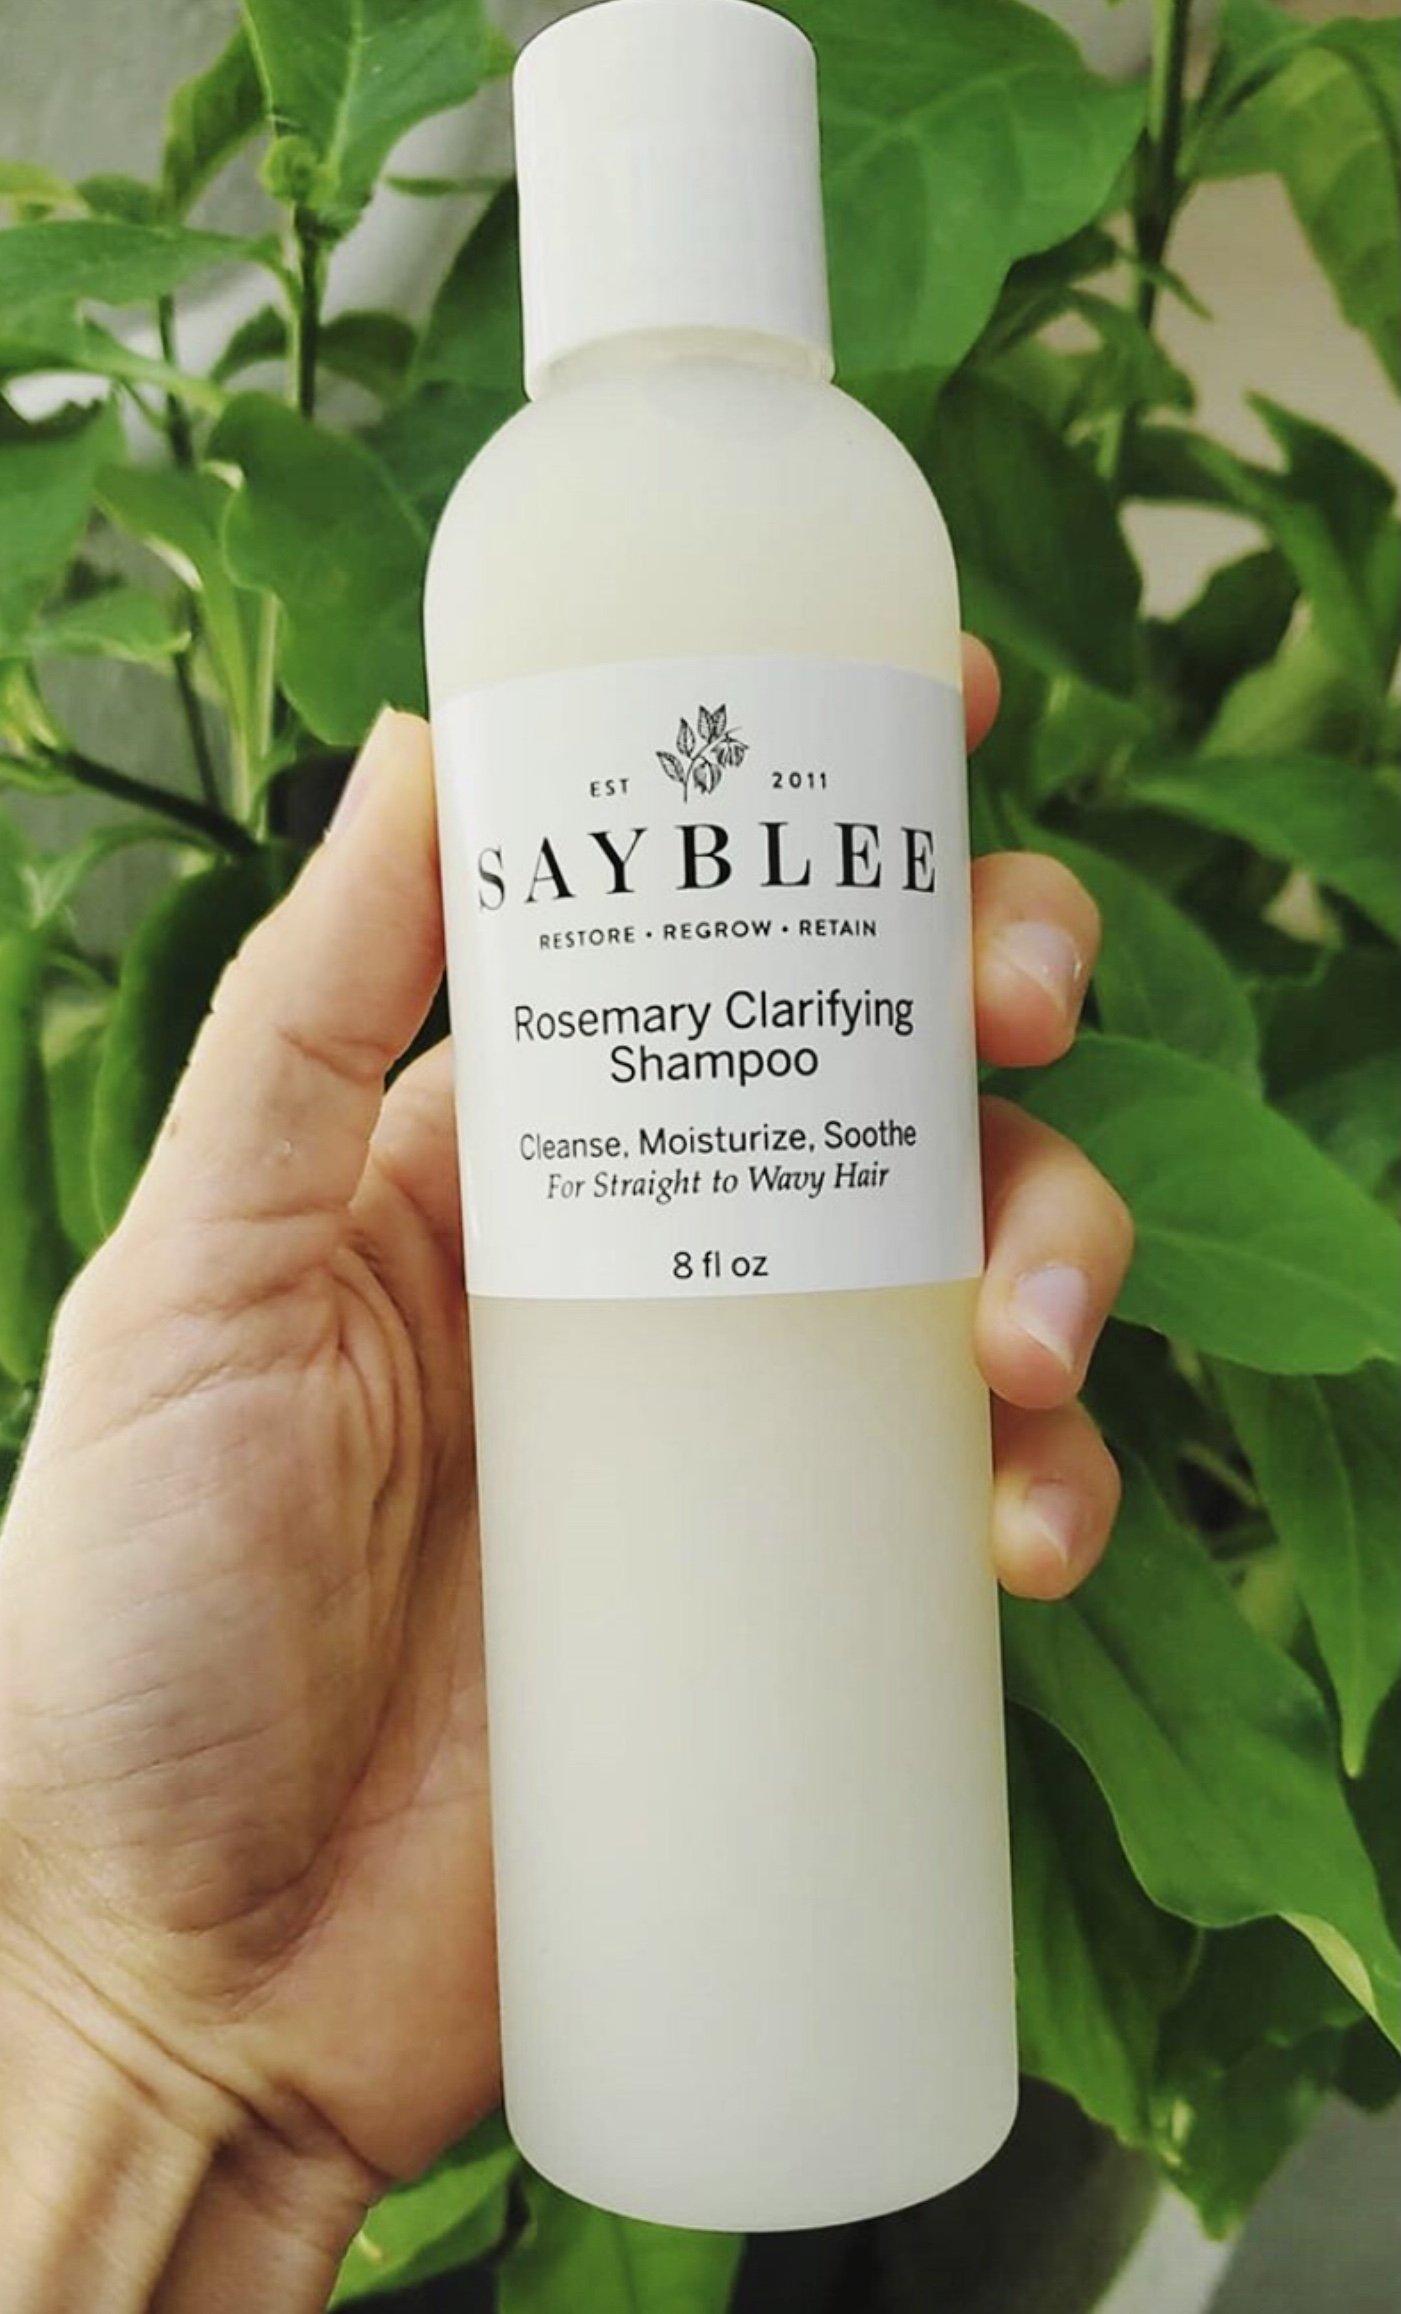 Rosemary Clarifying Shampoo